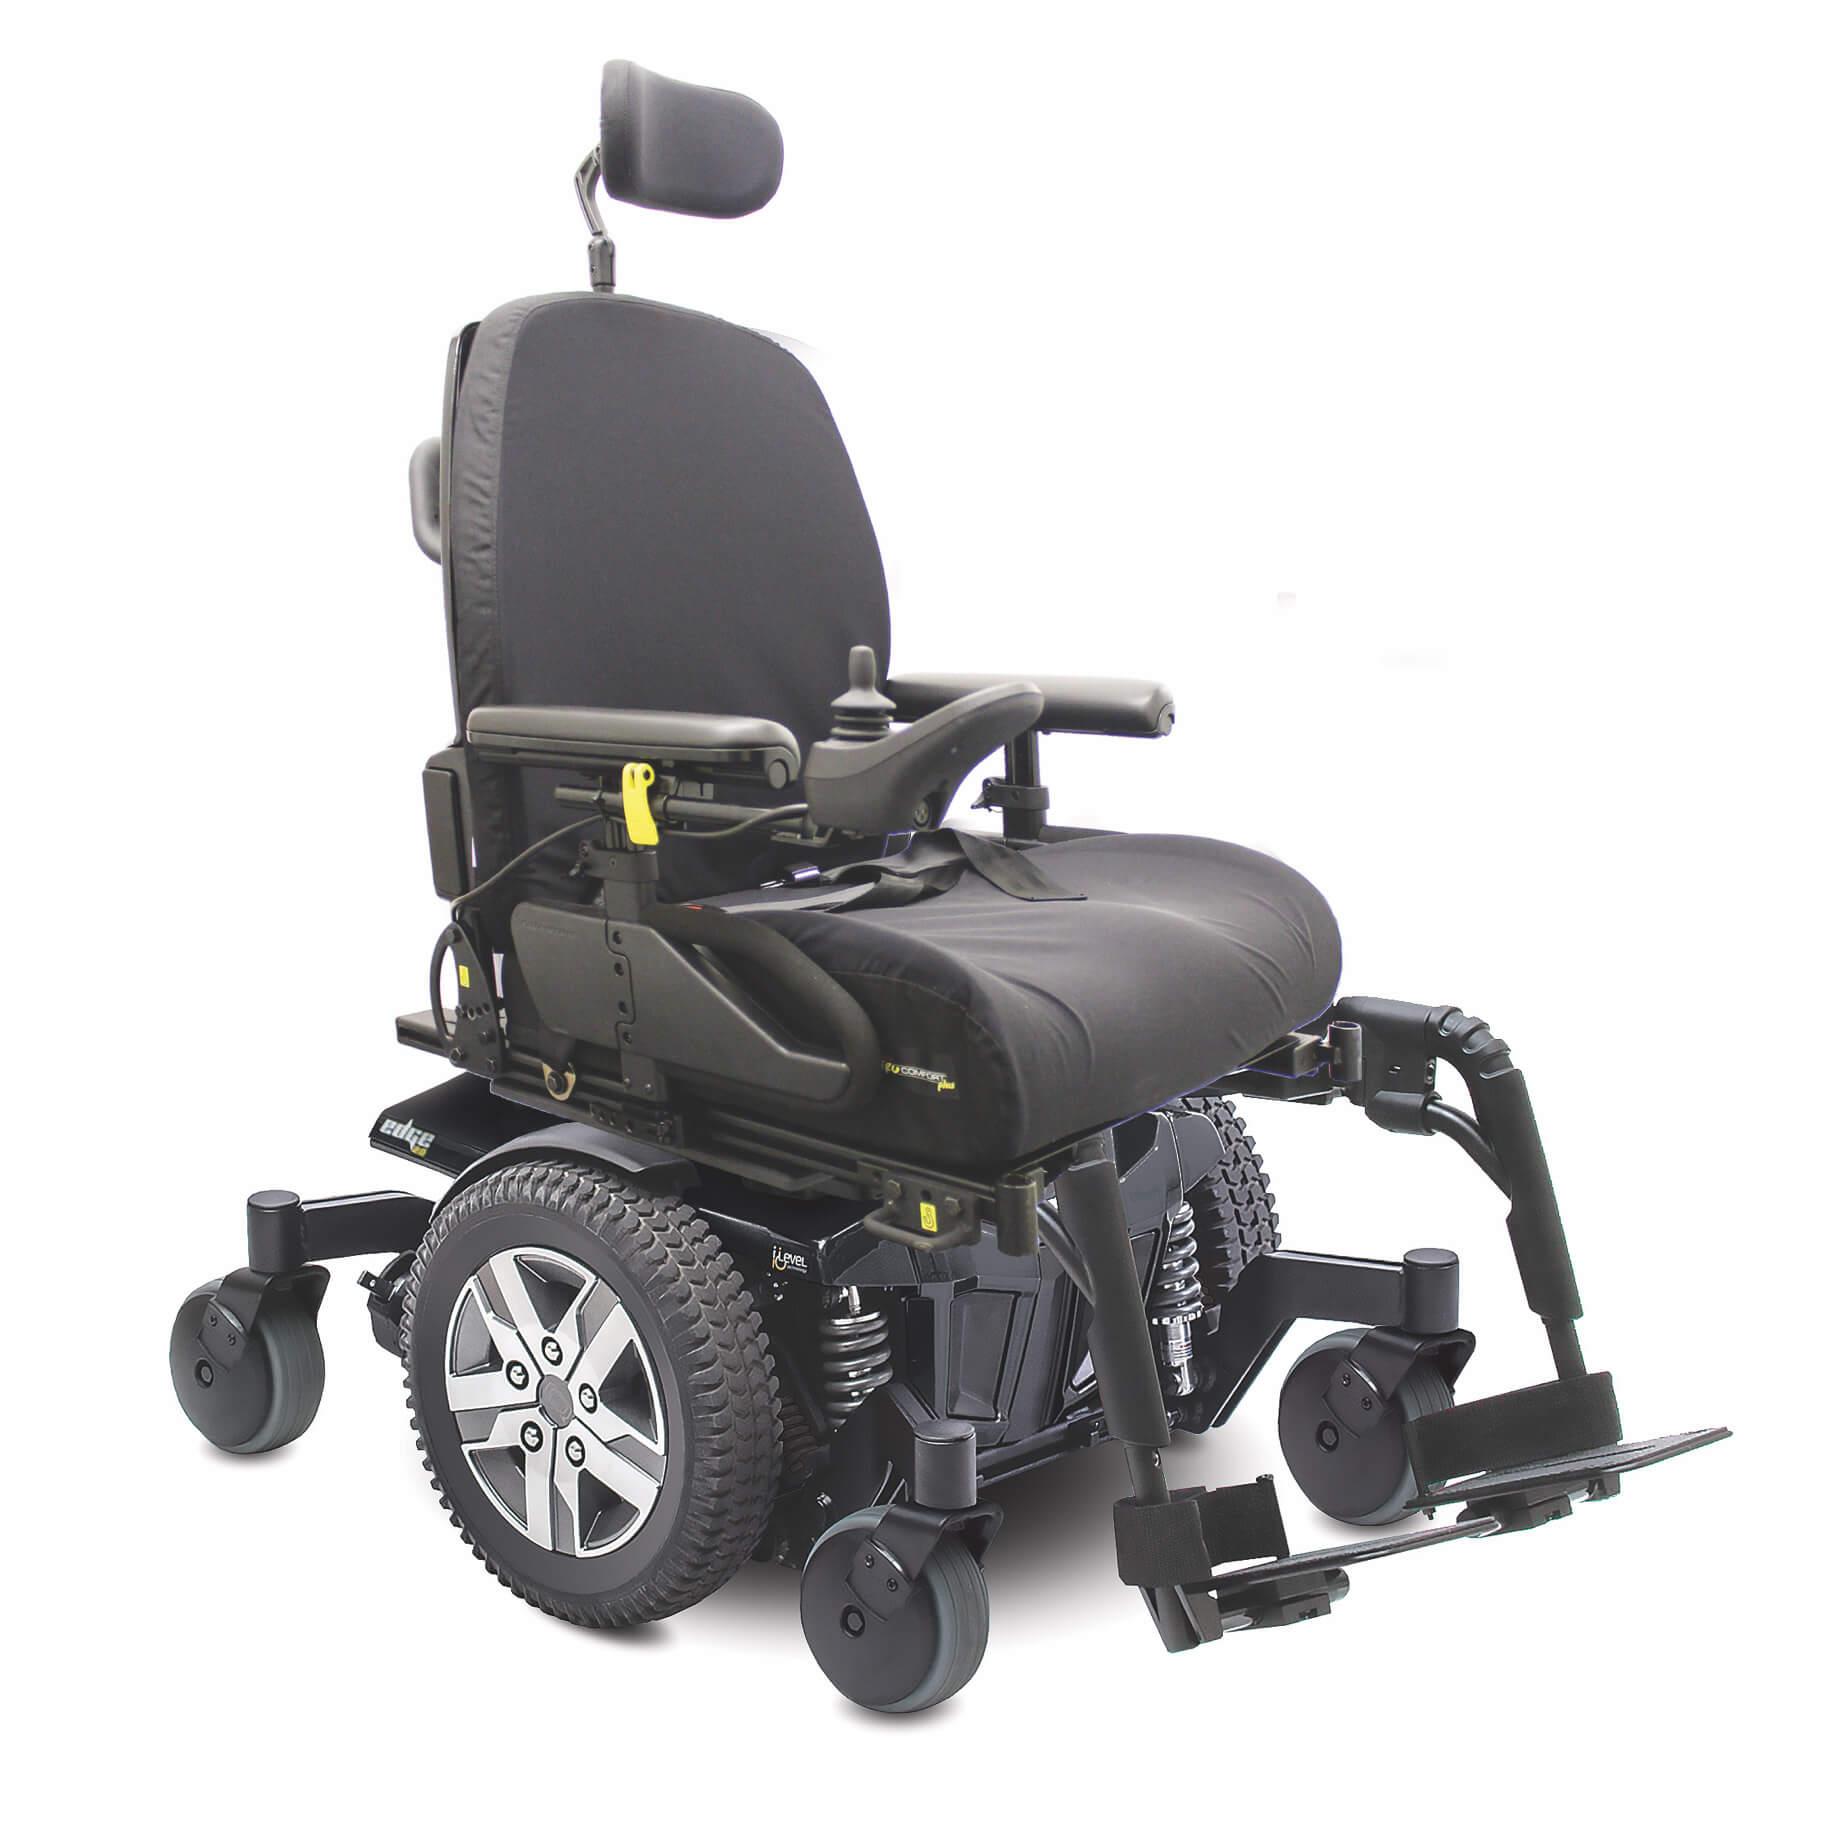 The Quantum Q6 2.0 Edge electric wheelchair